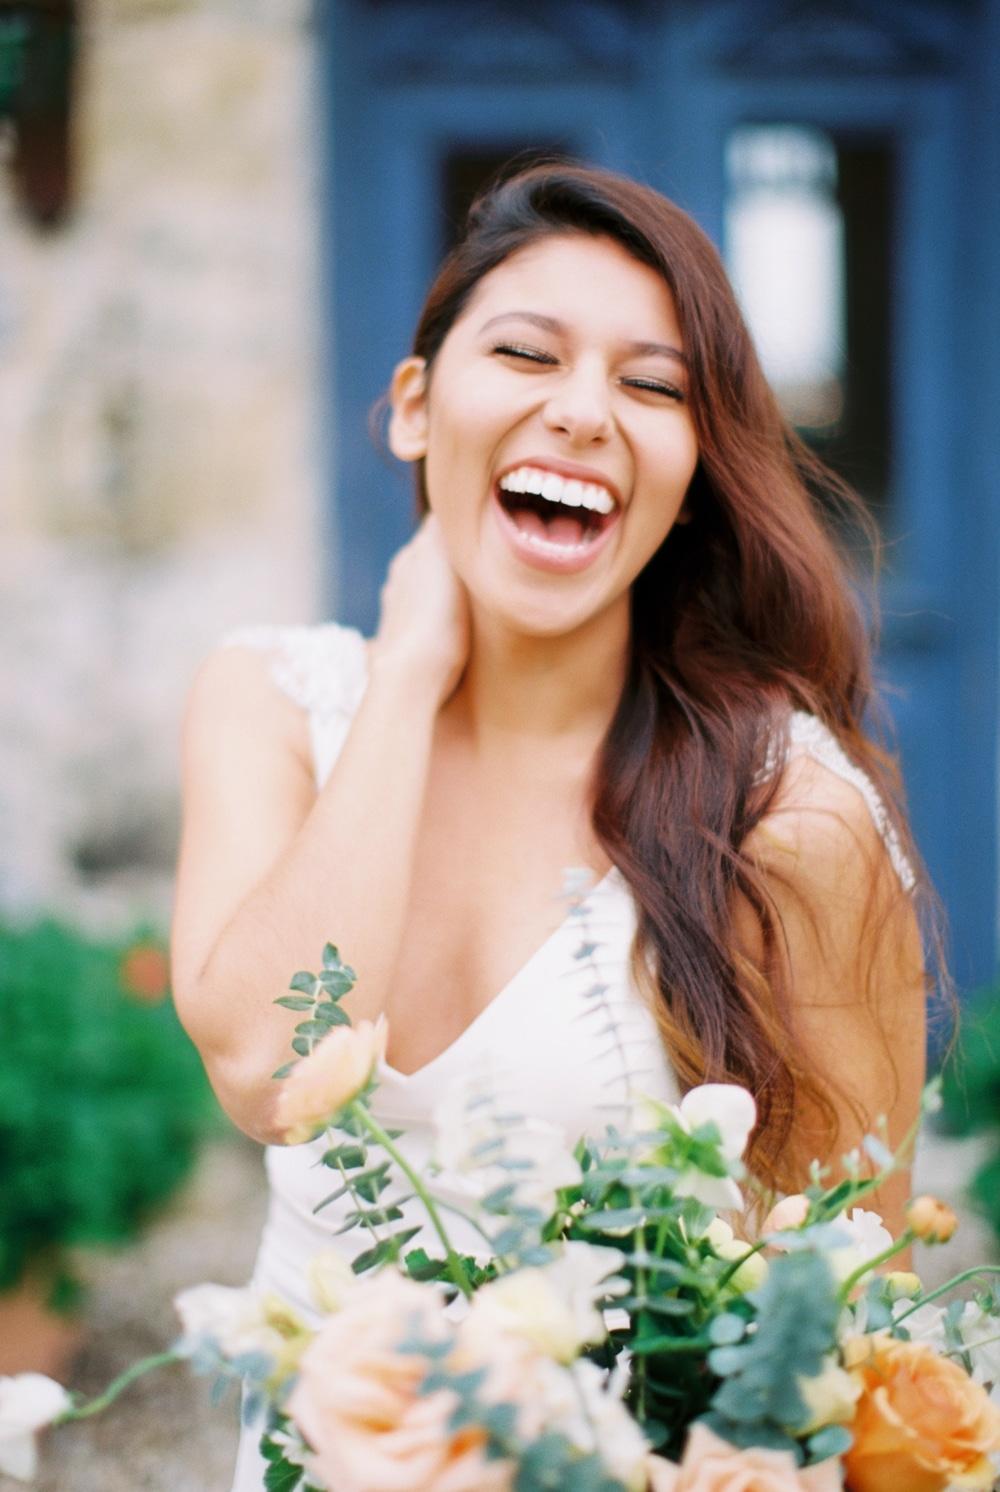 Kristin-La-Voie-Photography-Le-San-Michele-Austin-Wedding-Photographer-8